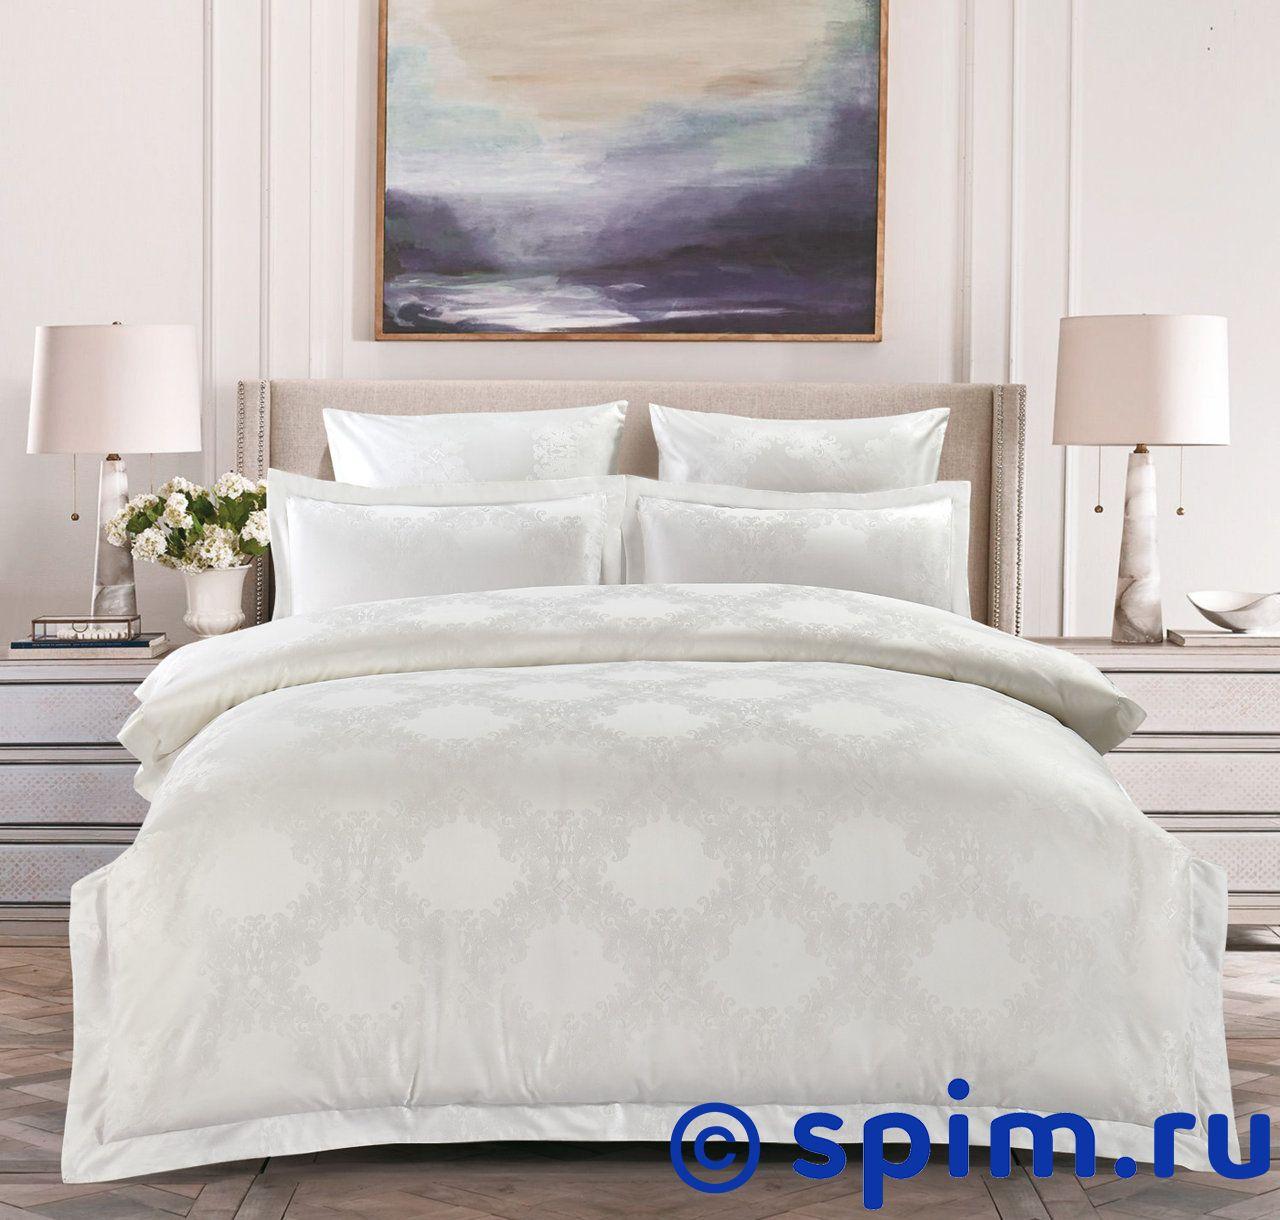 Постельное белье Asabella 112 Евро-стандарт asabella простыня zelda 275х280